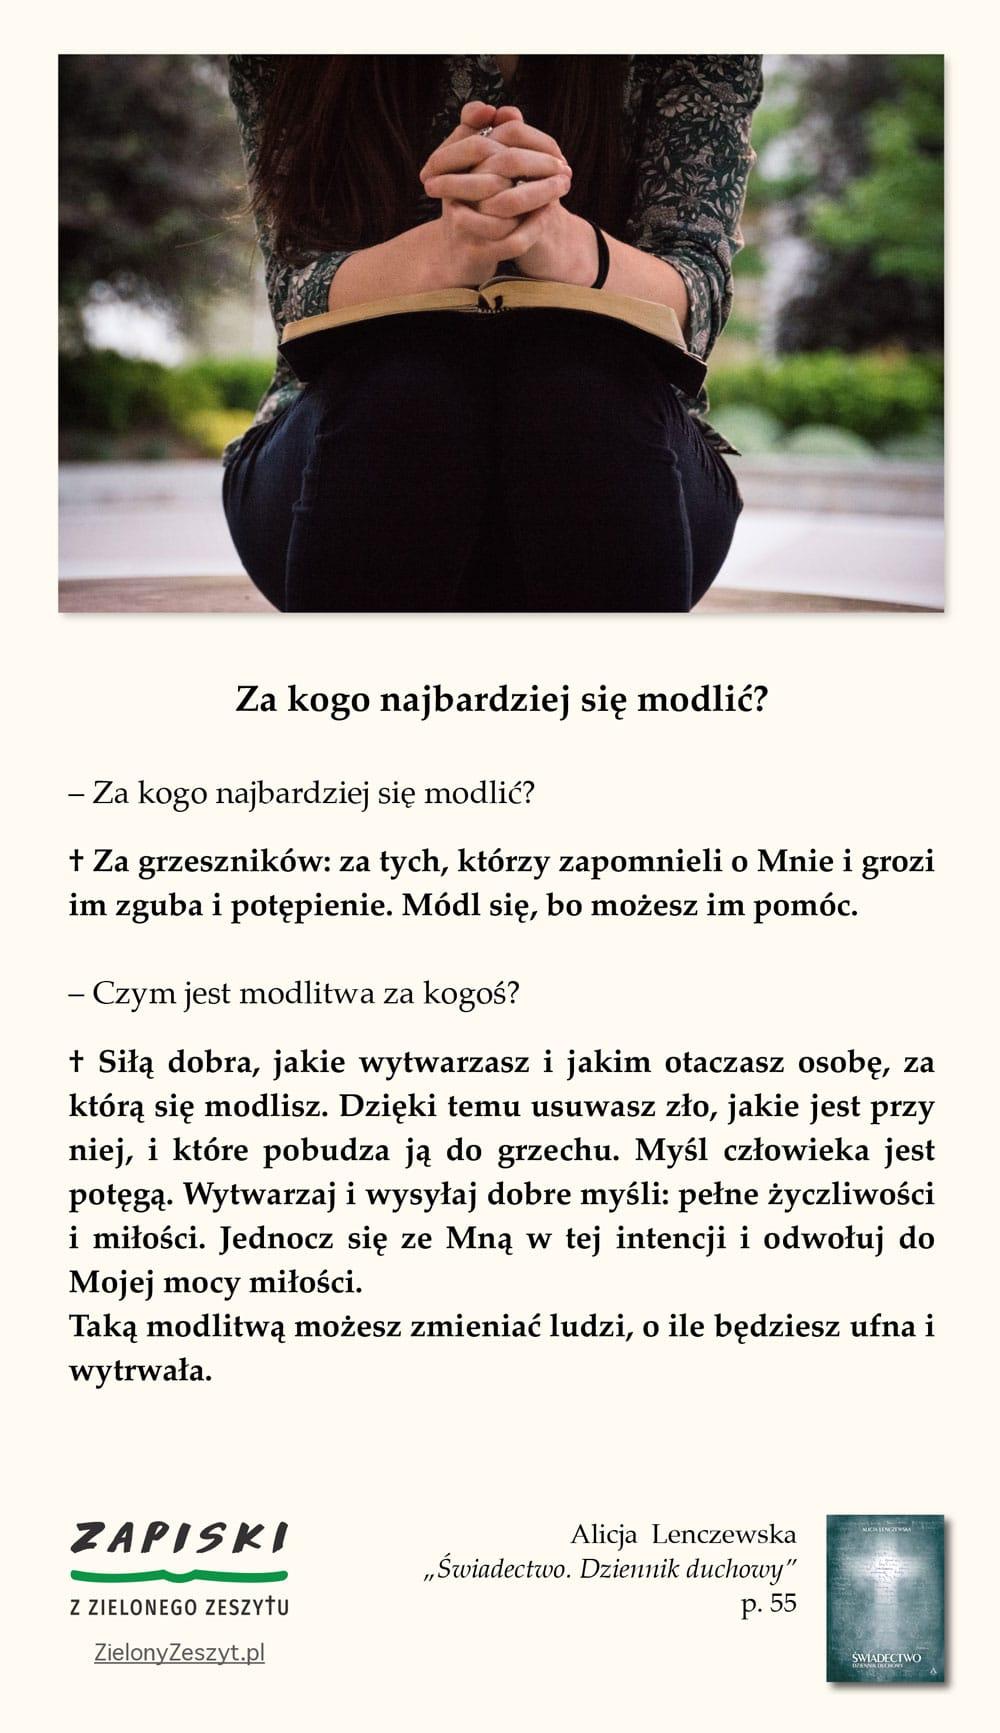 """Alicja Lenczewska, """"Świadectwo. Dziennik duchowy"""", p. 55 (Za kogo najbardziej się modlić?)"""